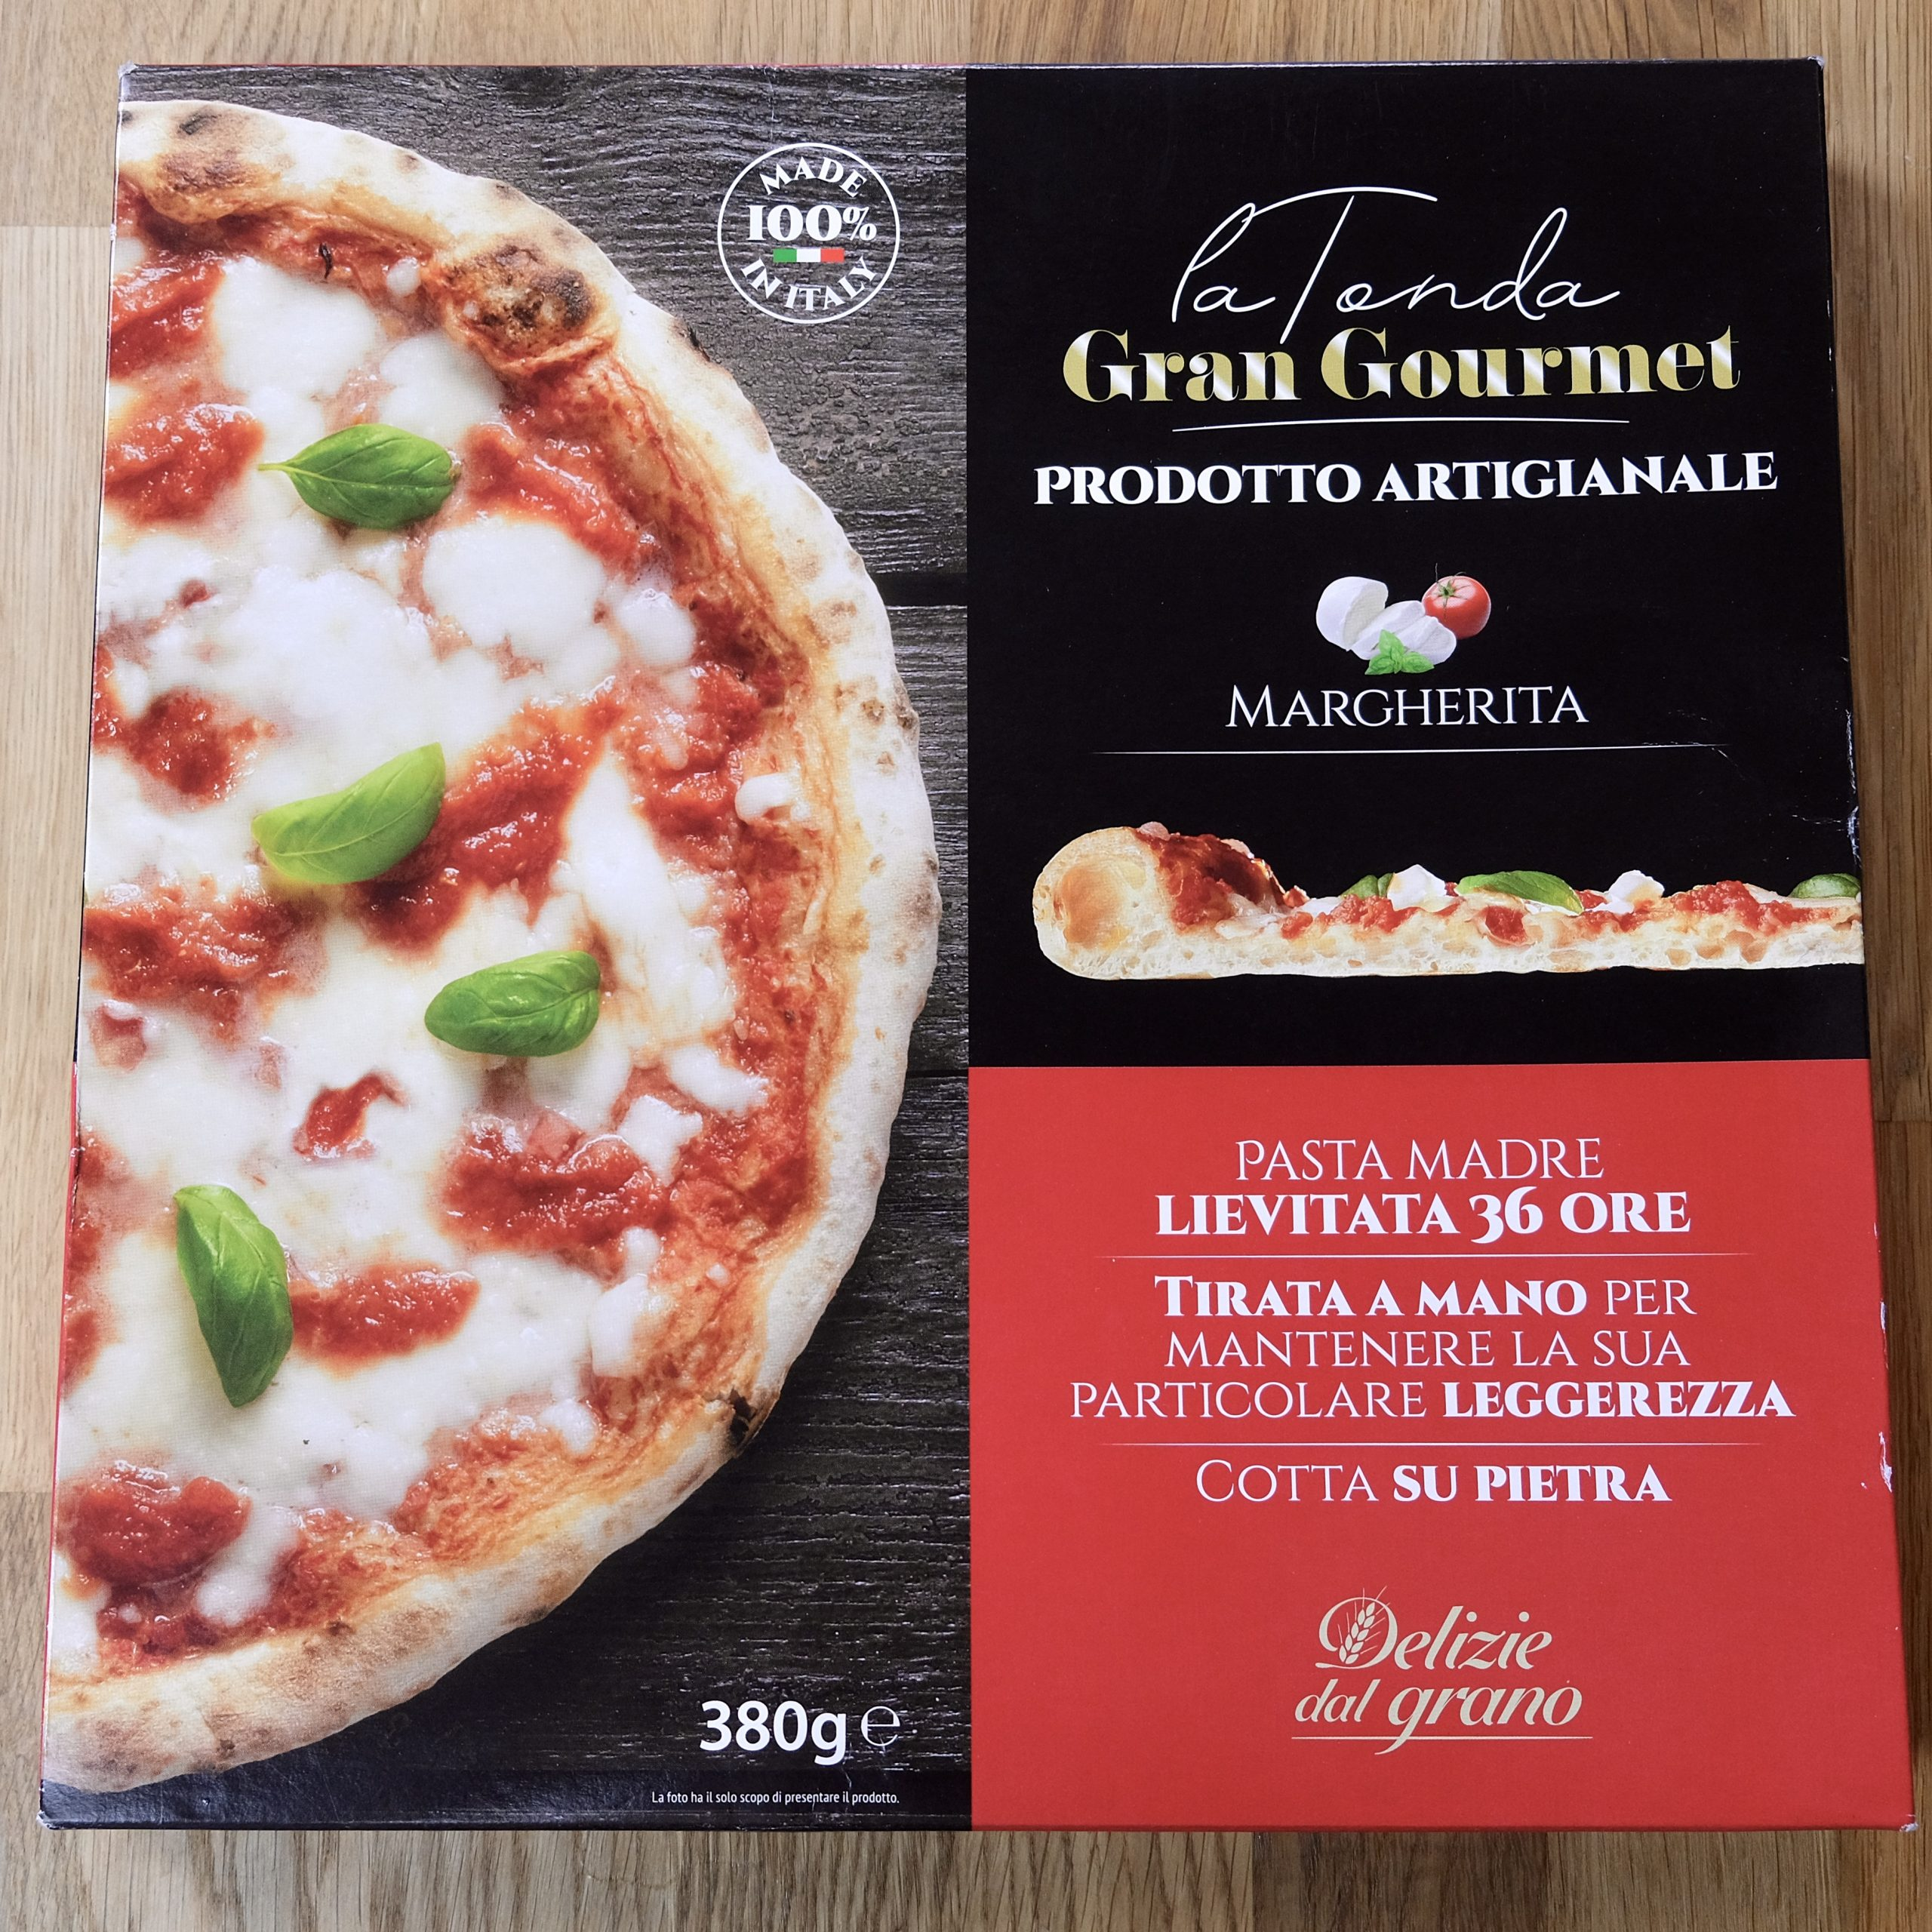 Confezione La Tonda Gran Gourmet